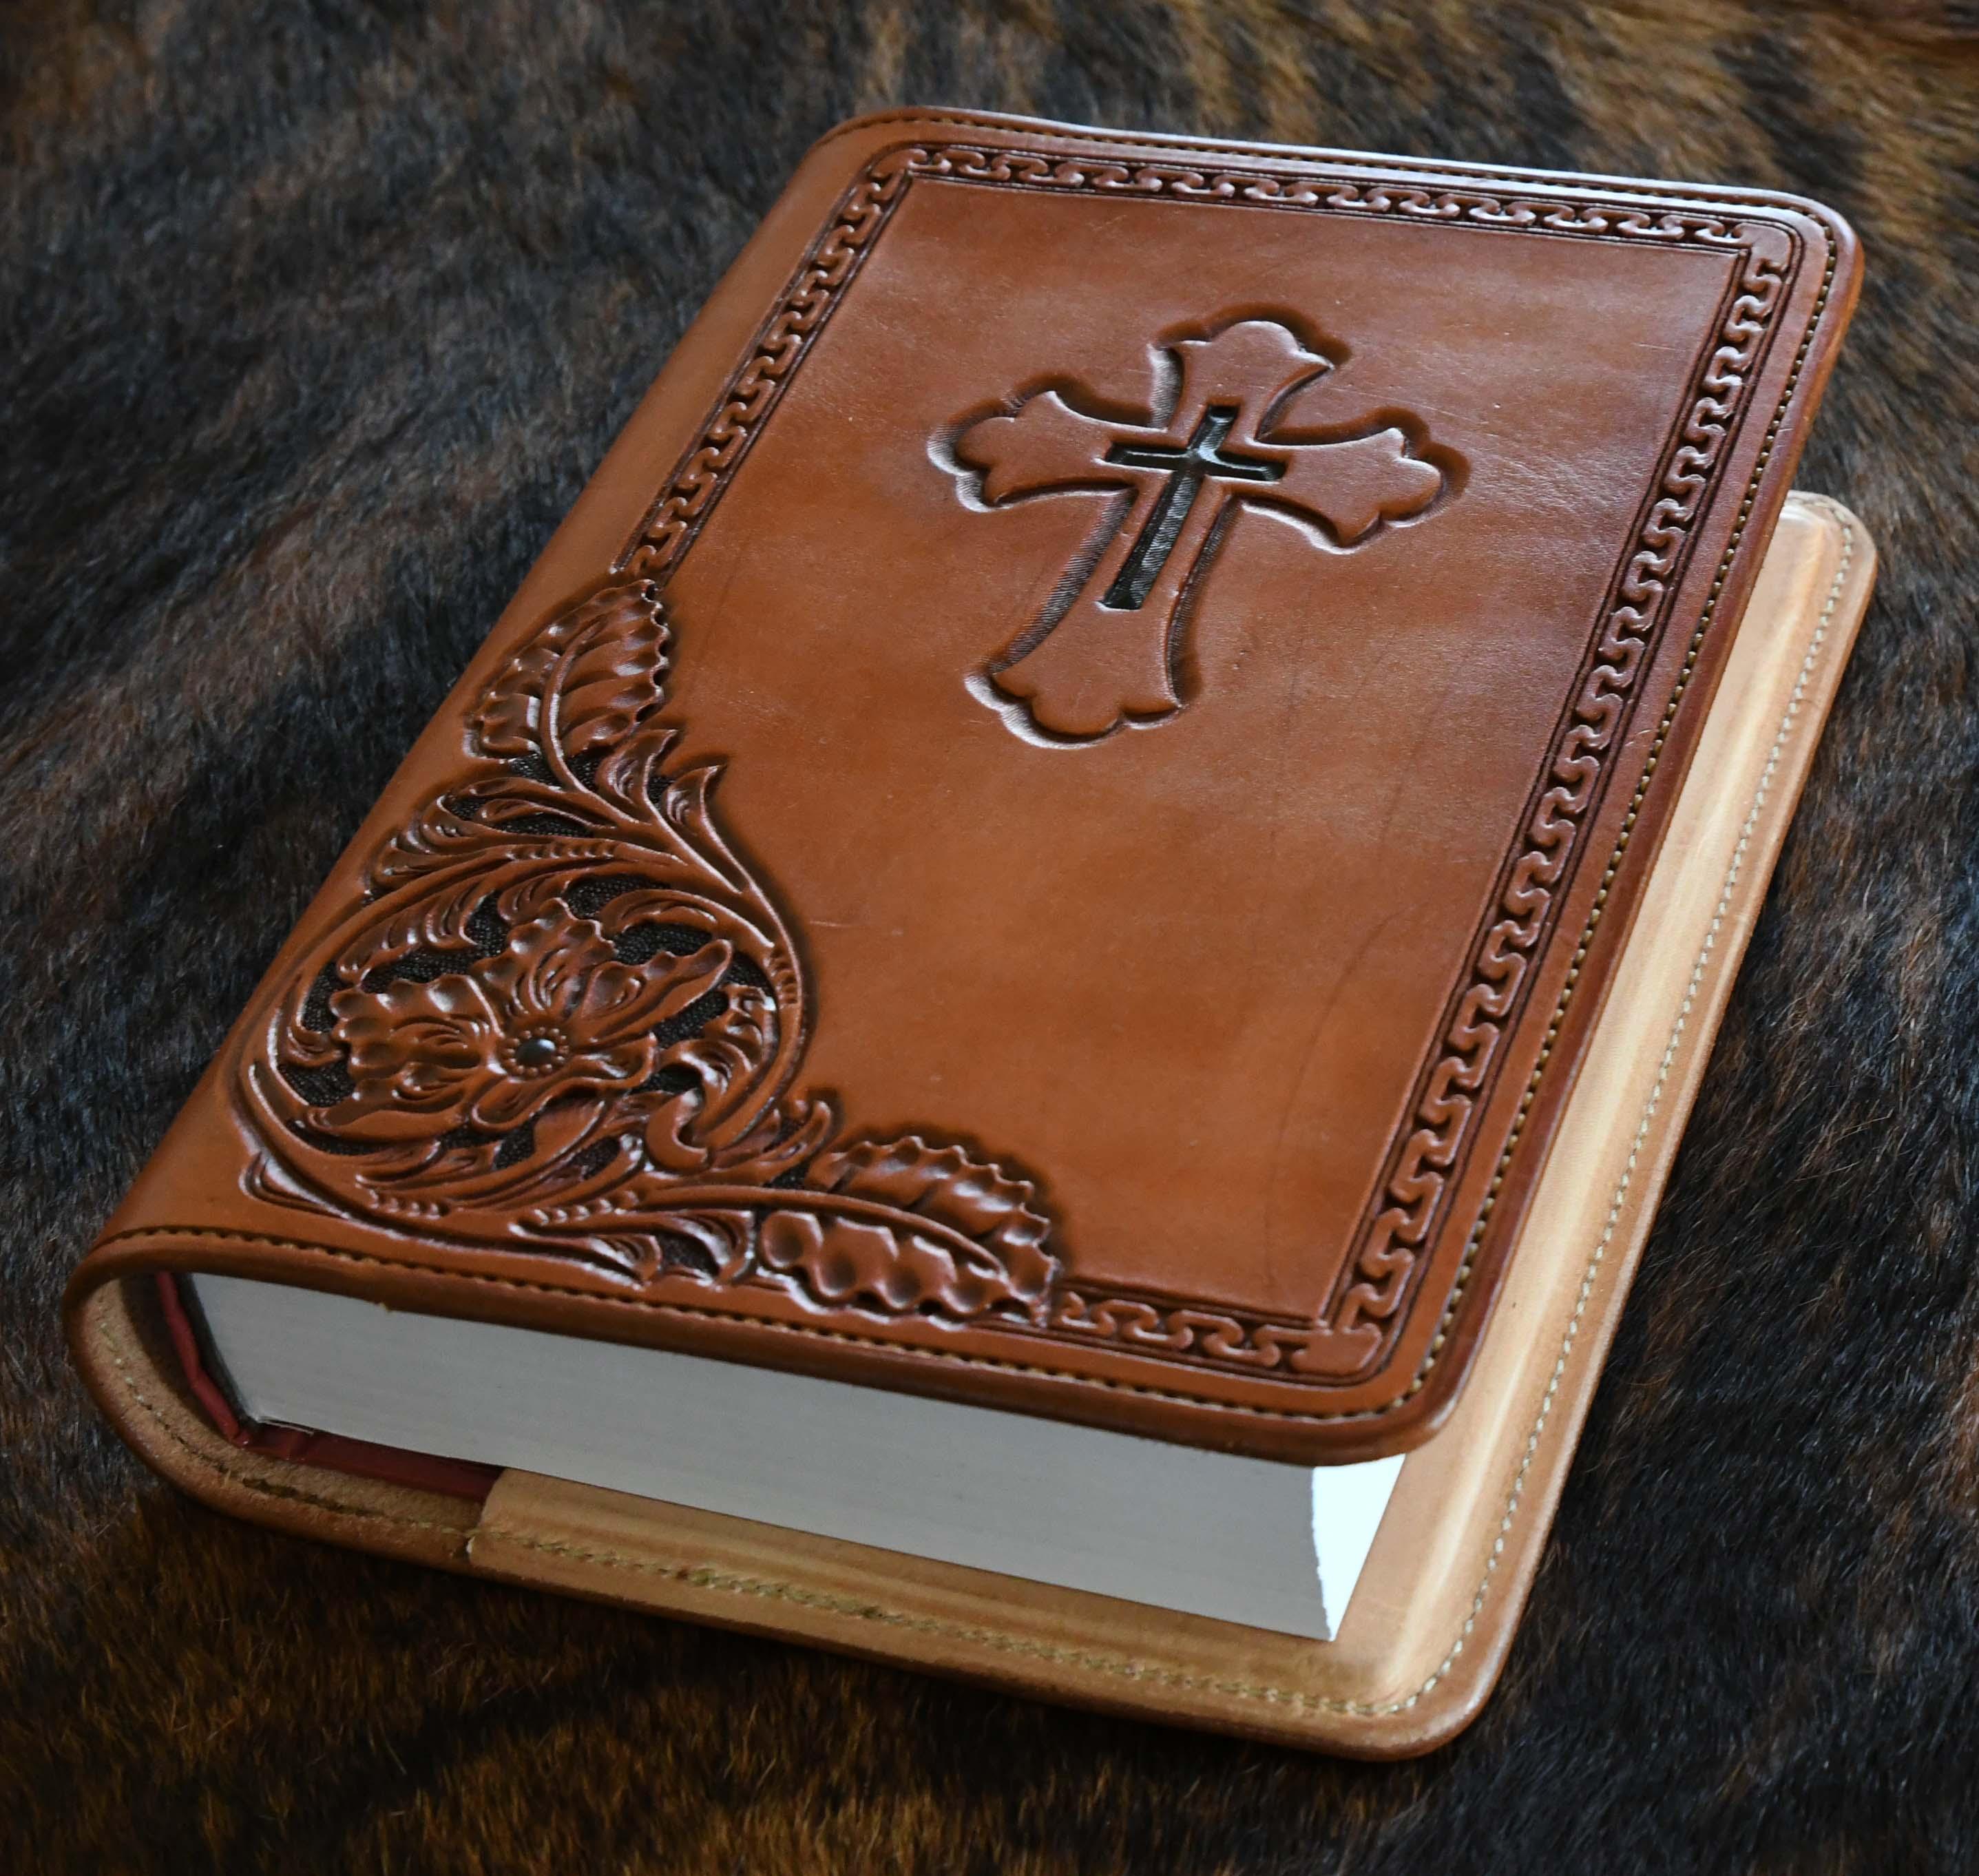 Collier Custom Leatherwork